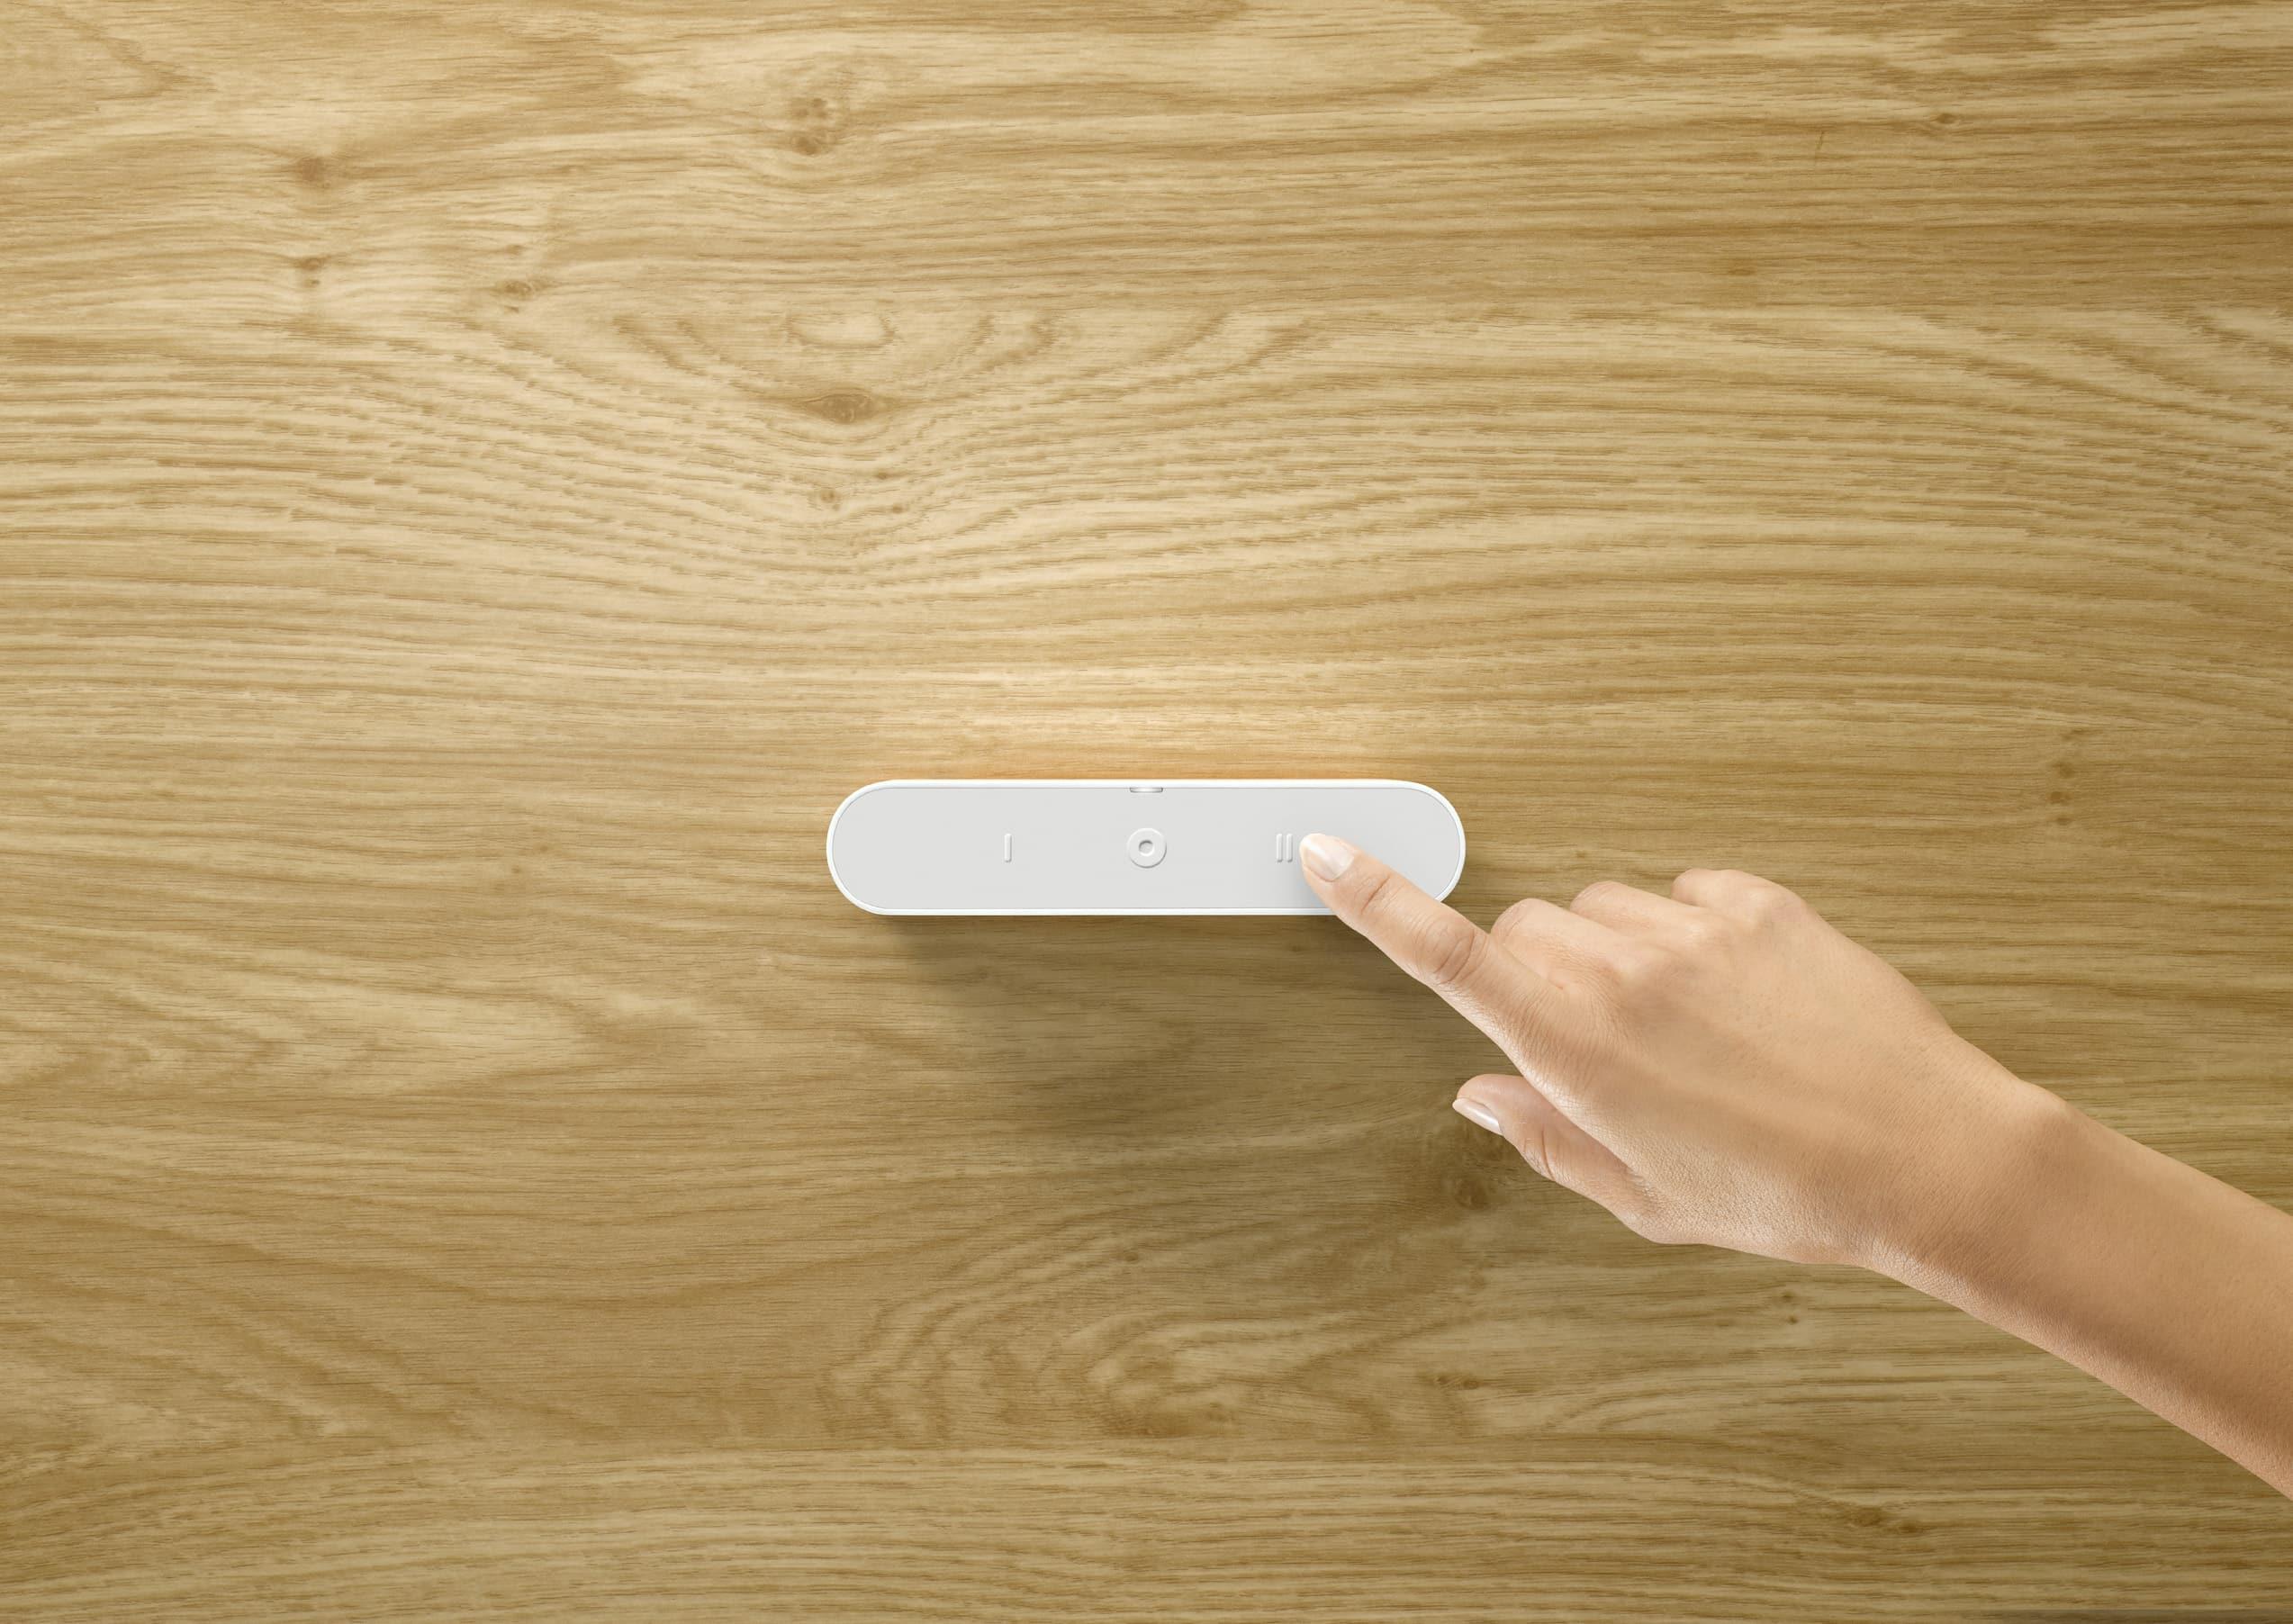 El interruptor inteligente para centralizar y controlar toda la casa con un solo toque 9